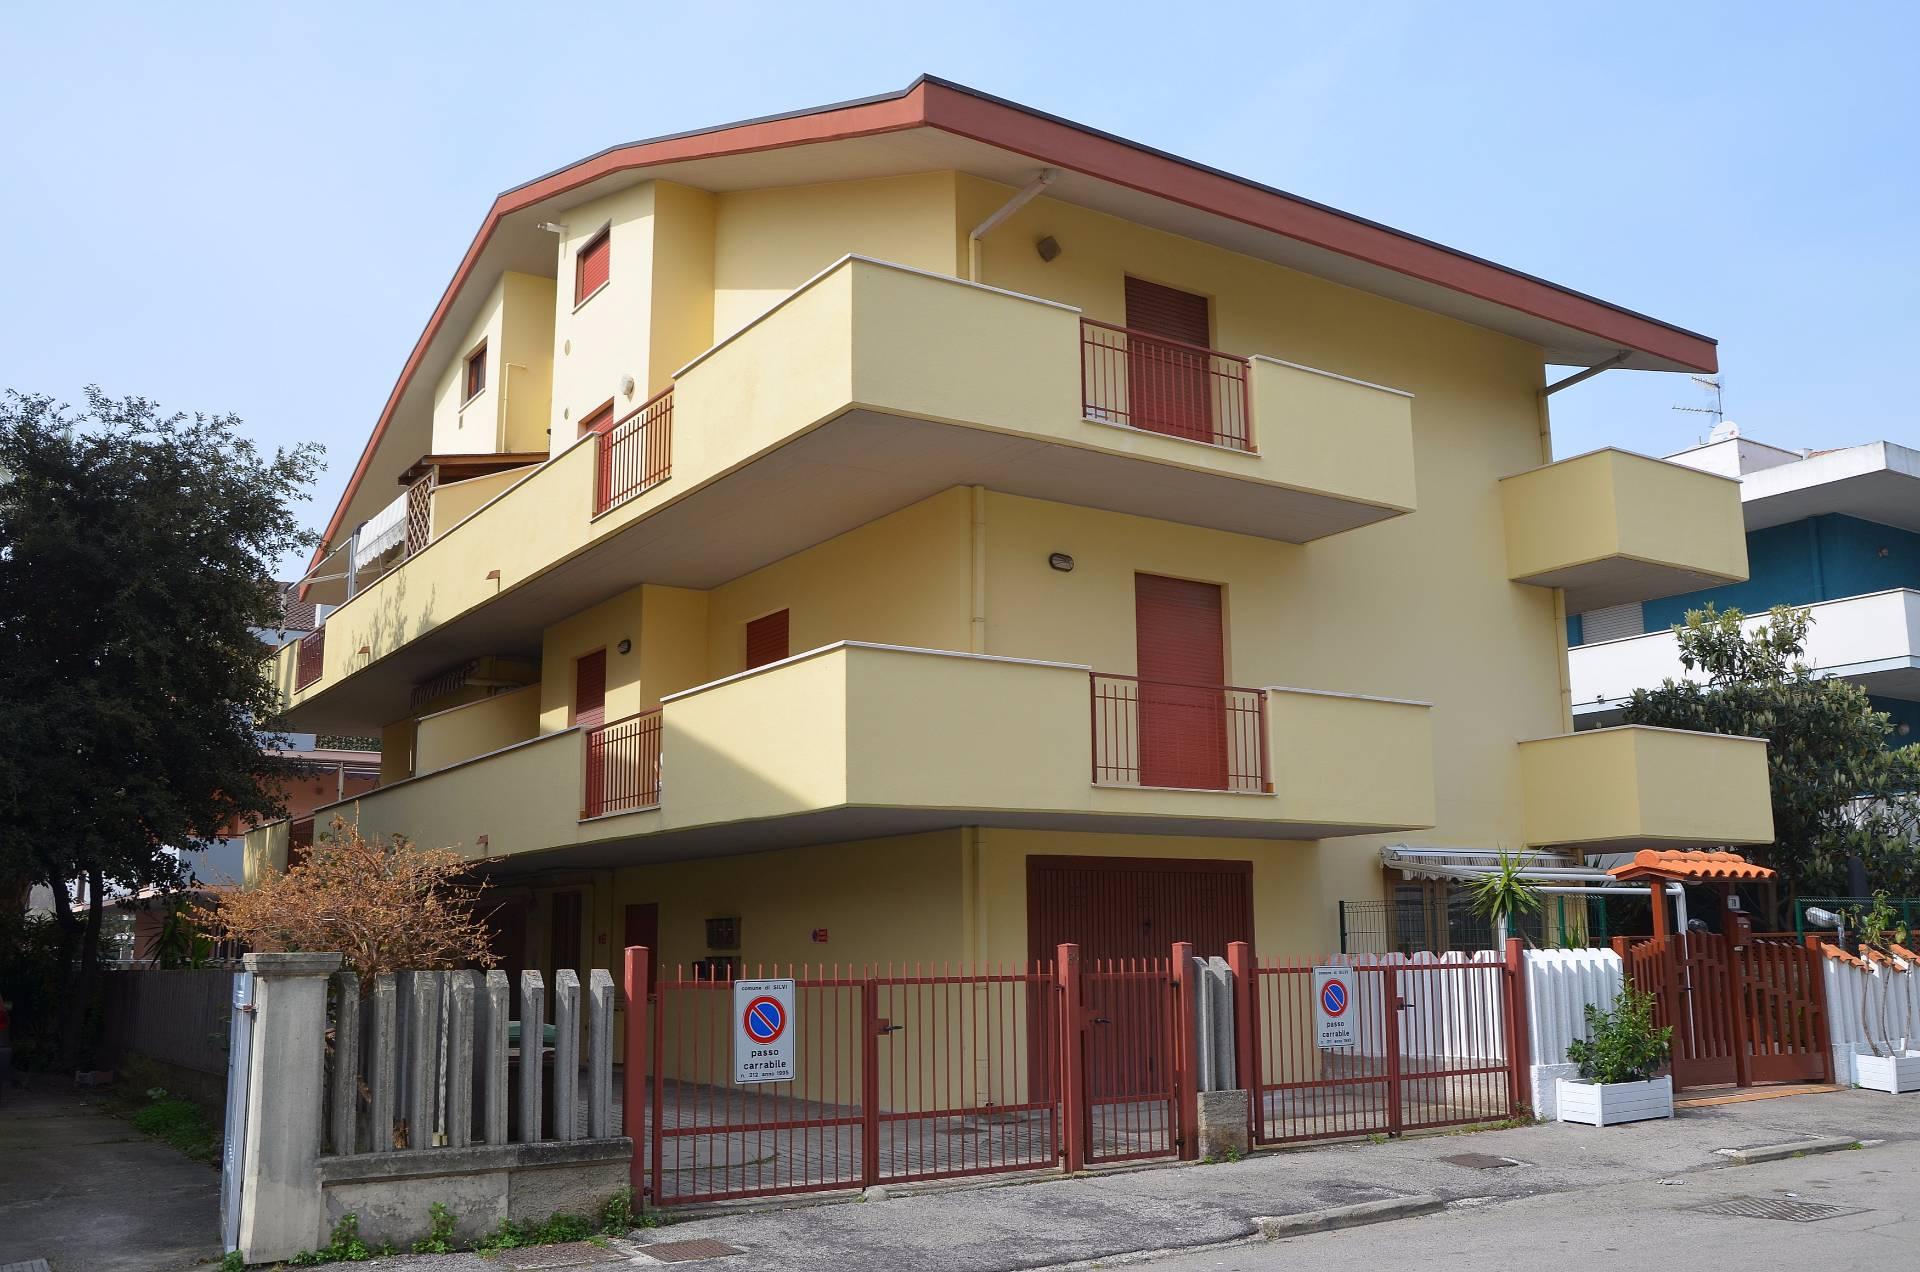 Attico / Mansarda in vendita a Silvi, 2 locali, zona Località: SilviMarina, prezzo € 35.000 | Cambio Casa.it